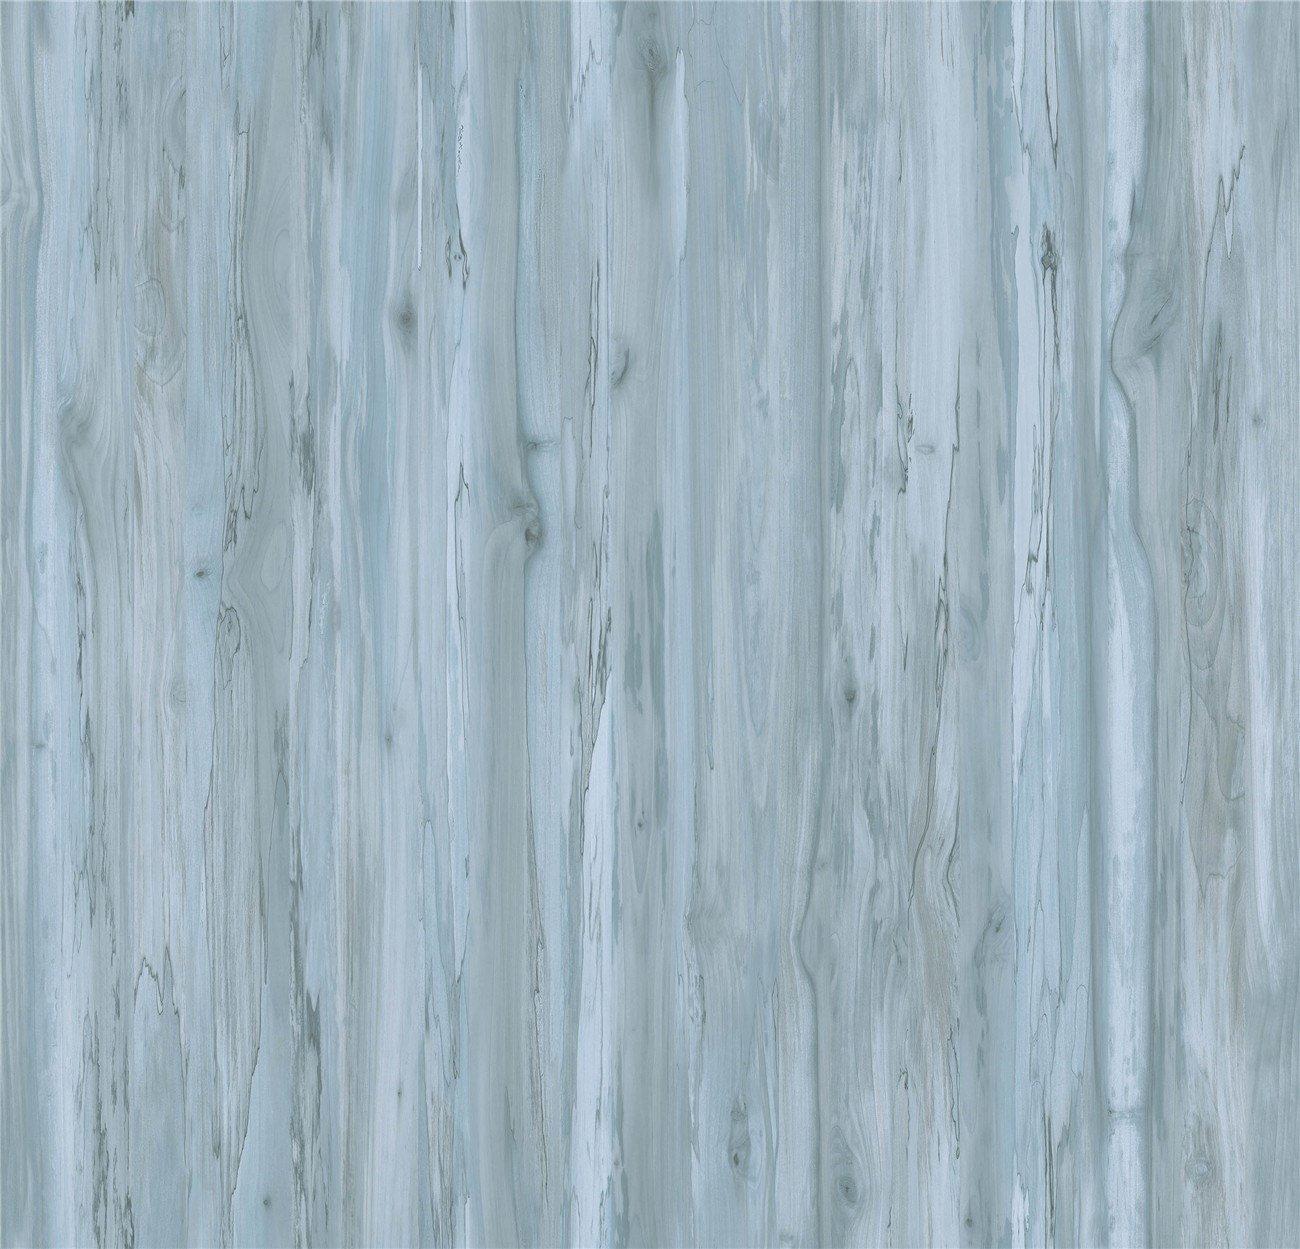 I.DECOR Decorative Material id7034 PU coated paper ferro chestnut